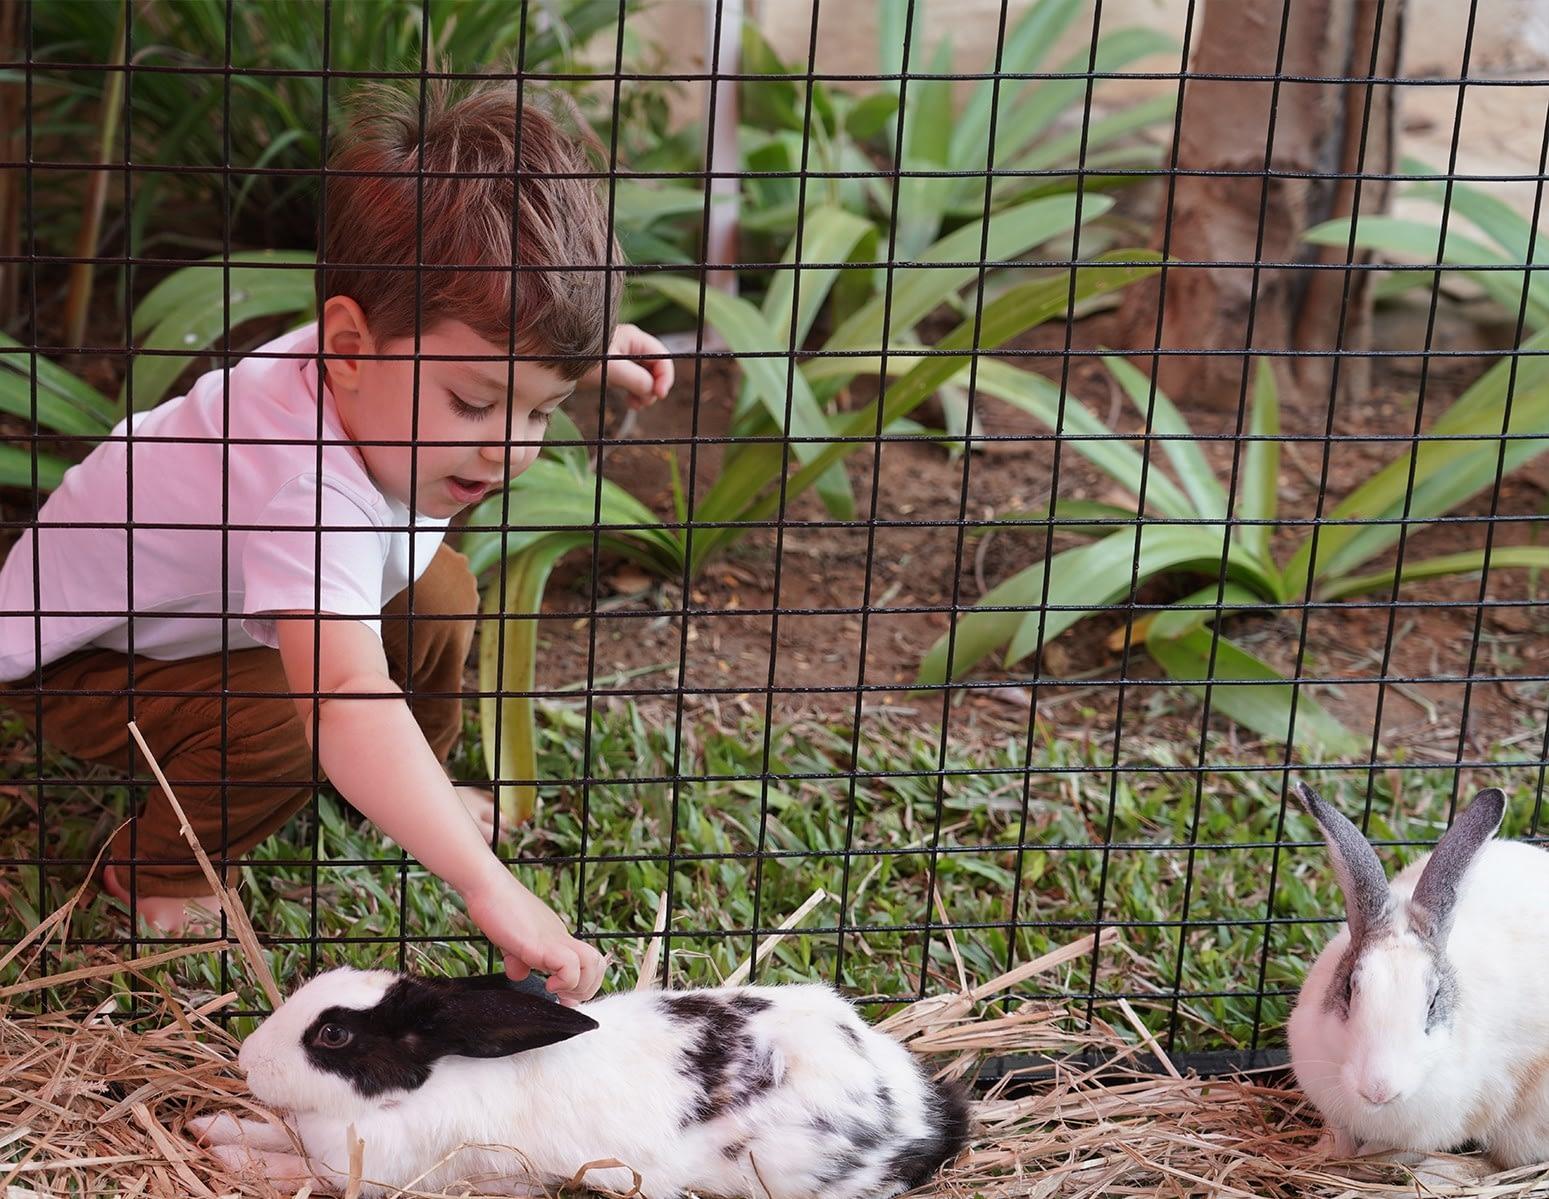 Benefits of Animals around Children